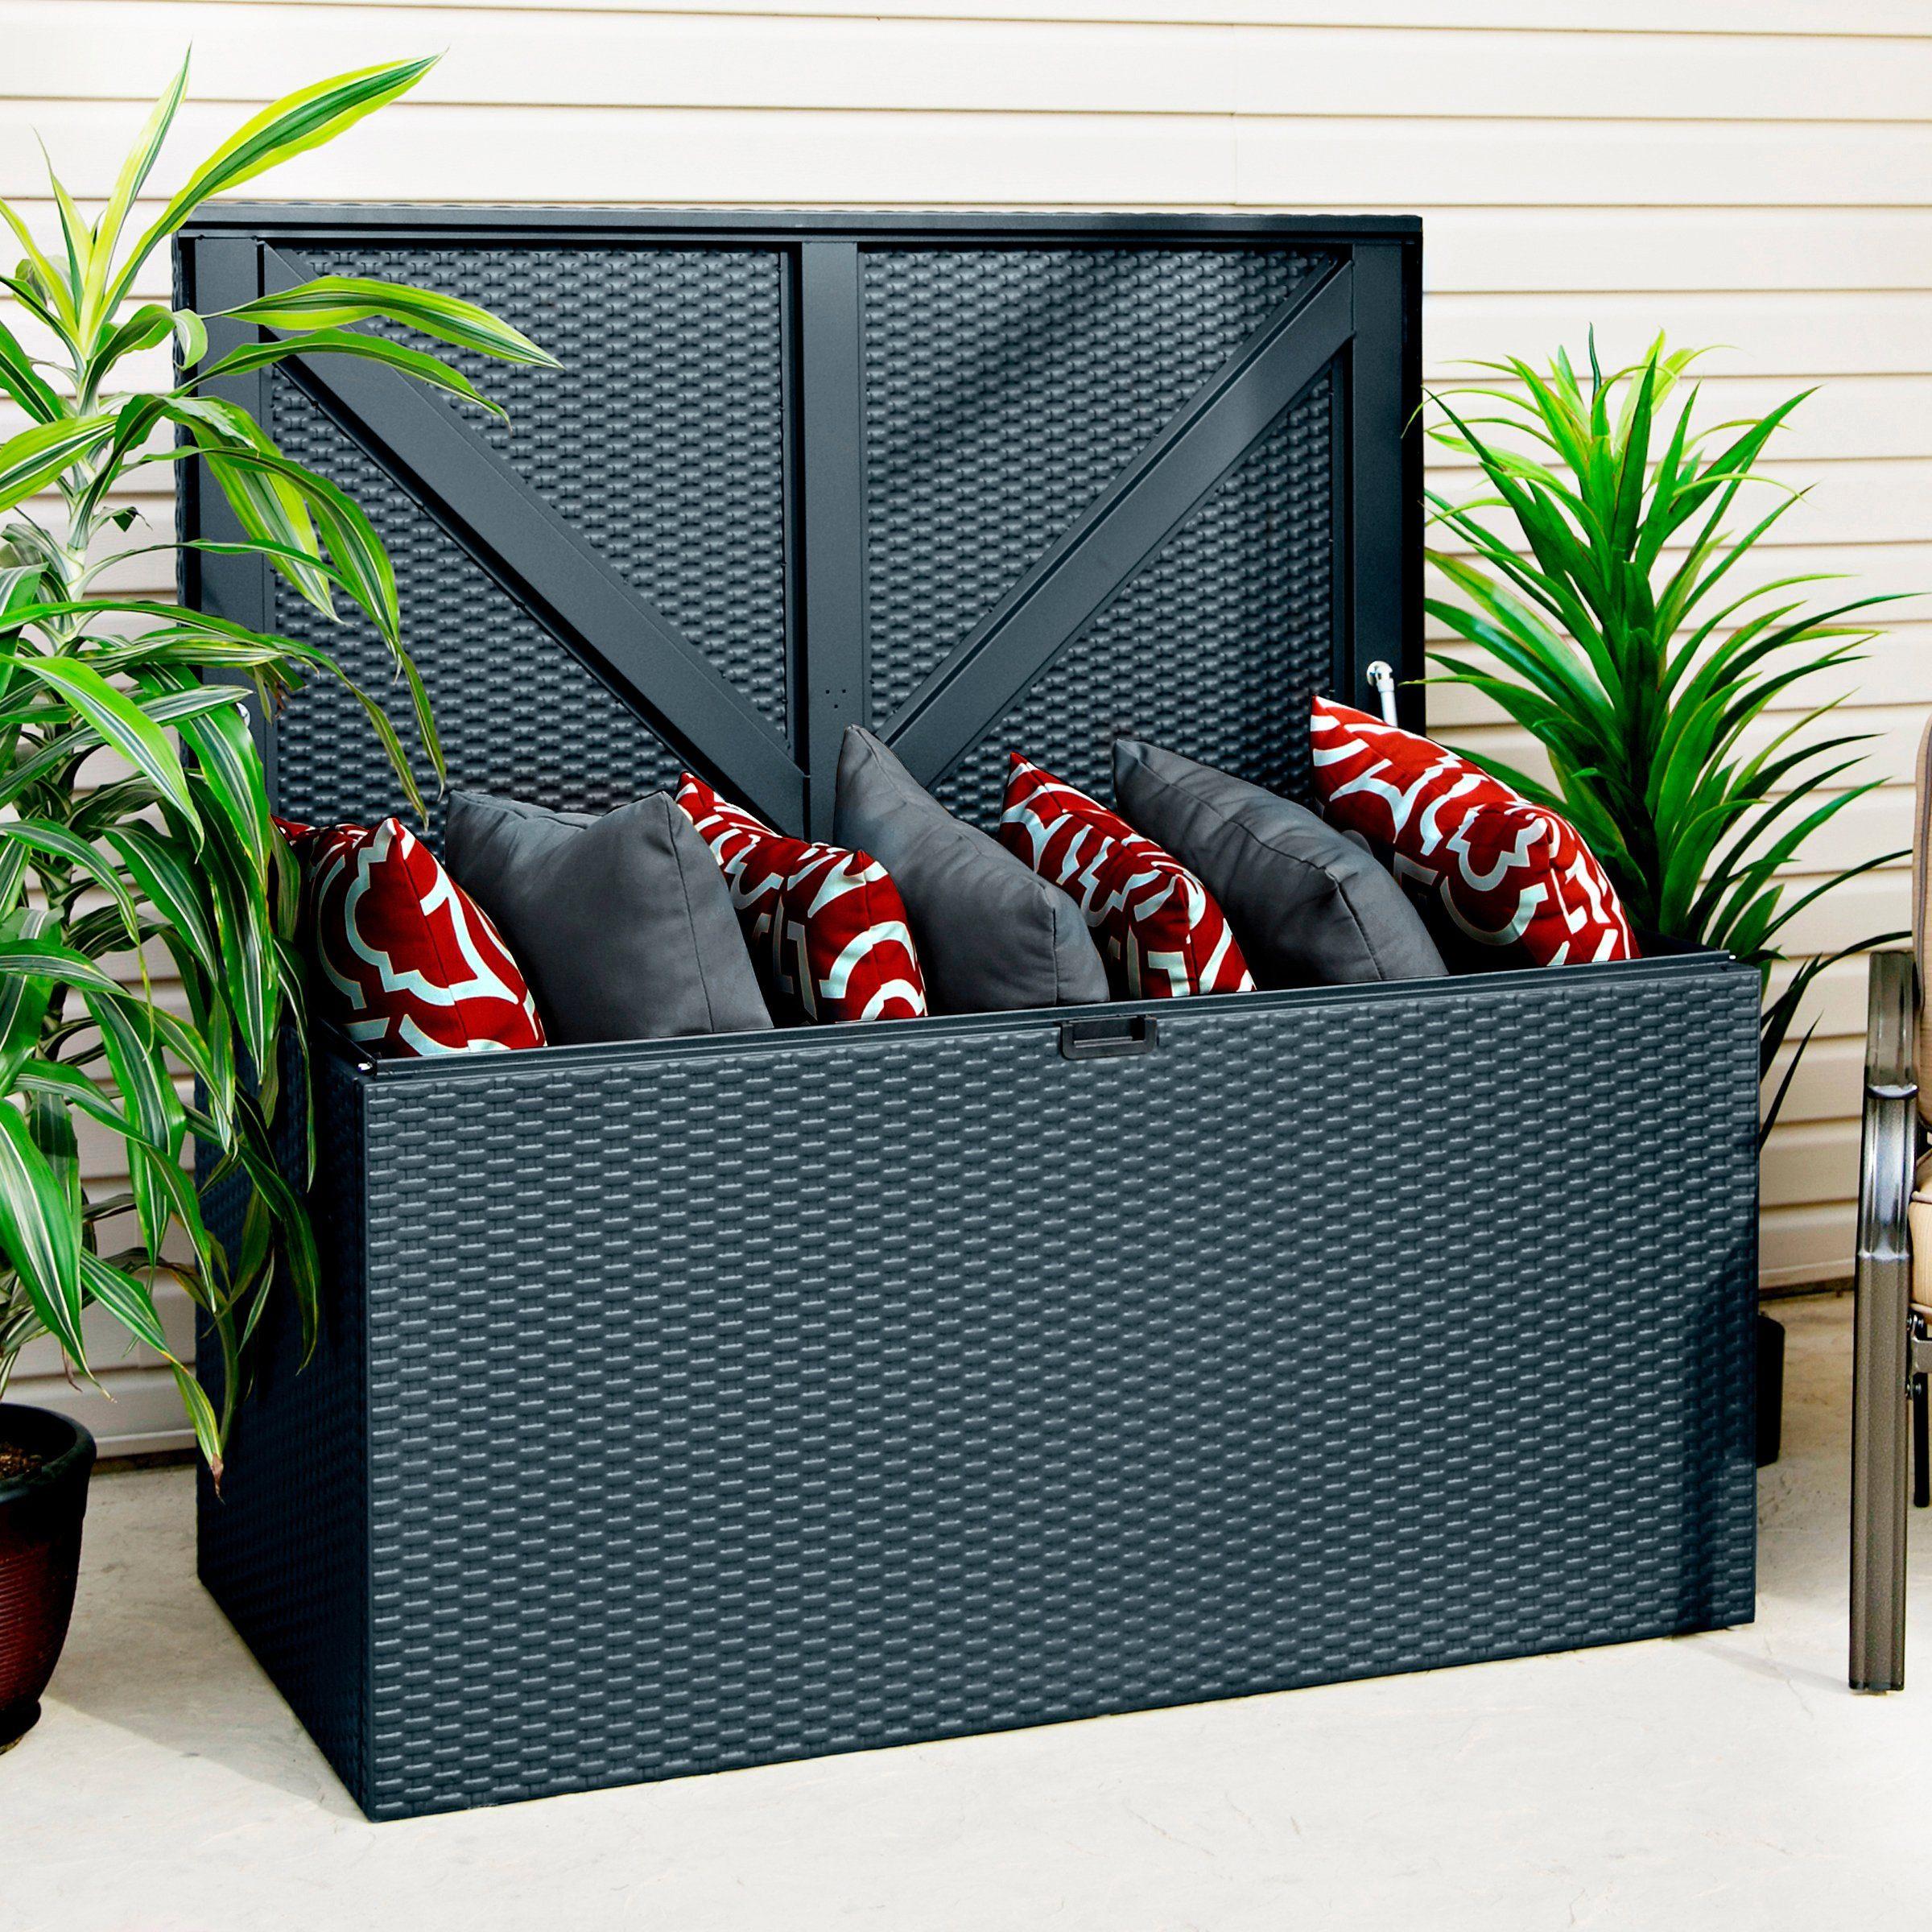 Auflagenbox »Linz«, steingrau, BxTxH: 132x69x67 cm